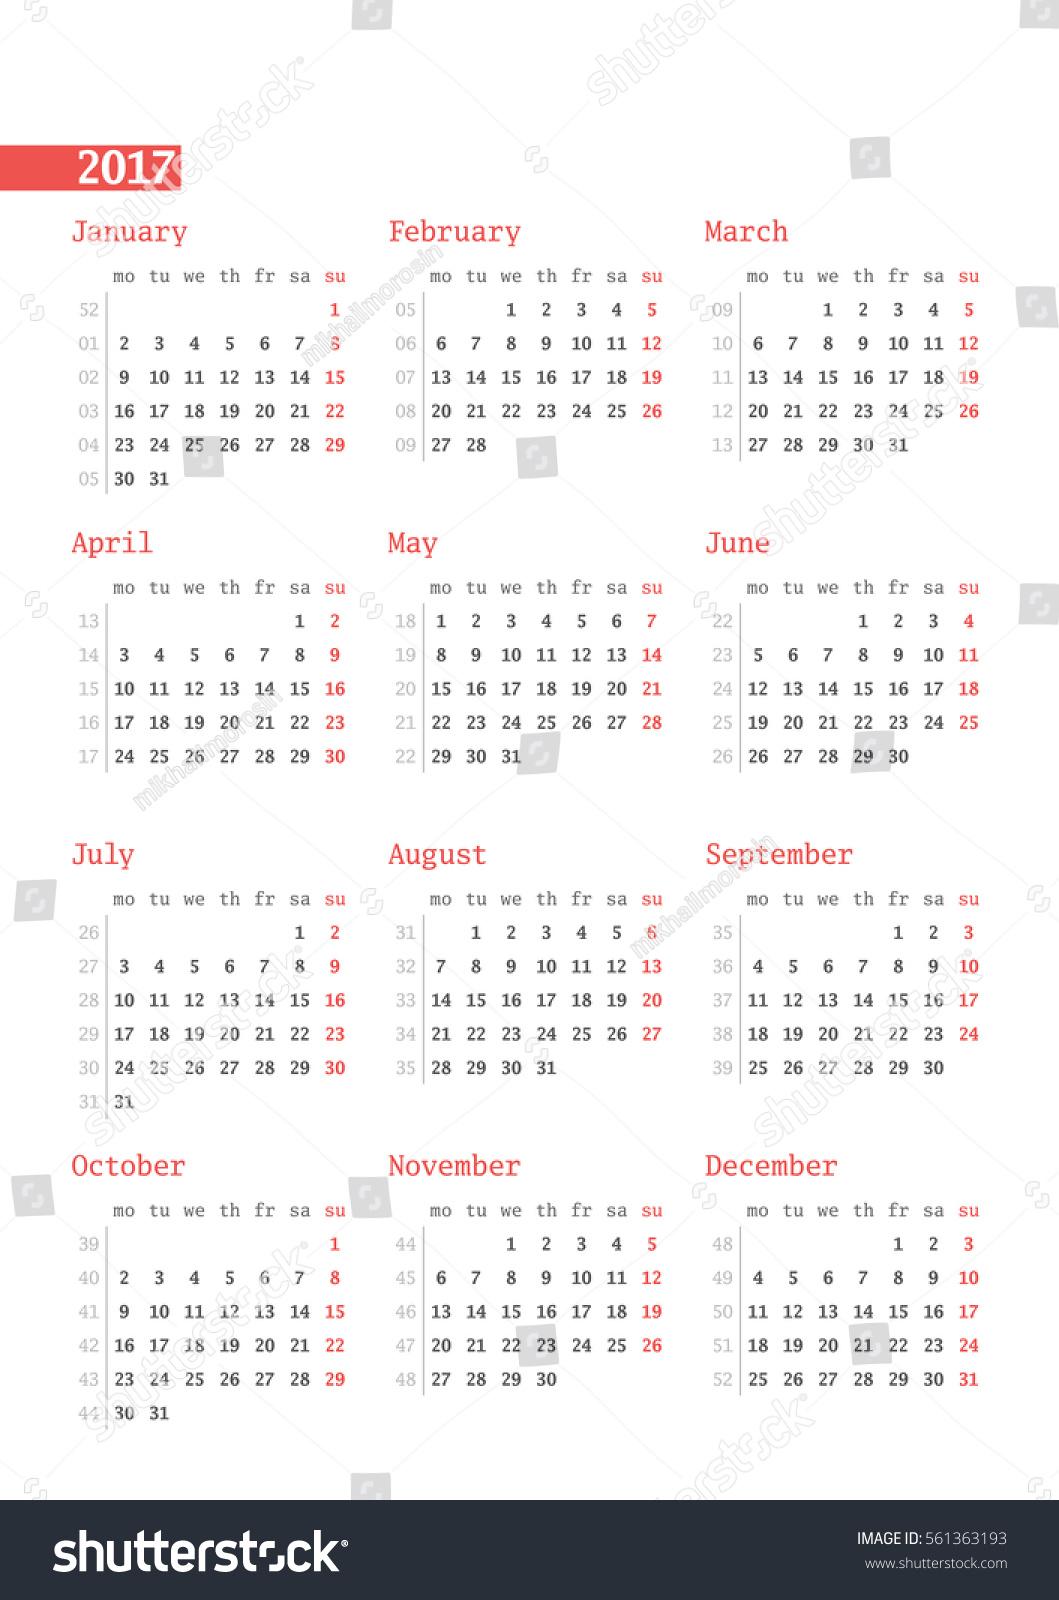 calendar with week numbers 2017